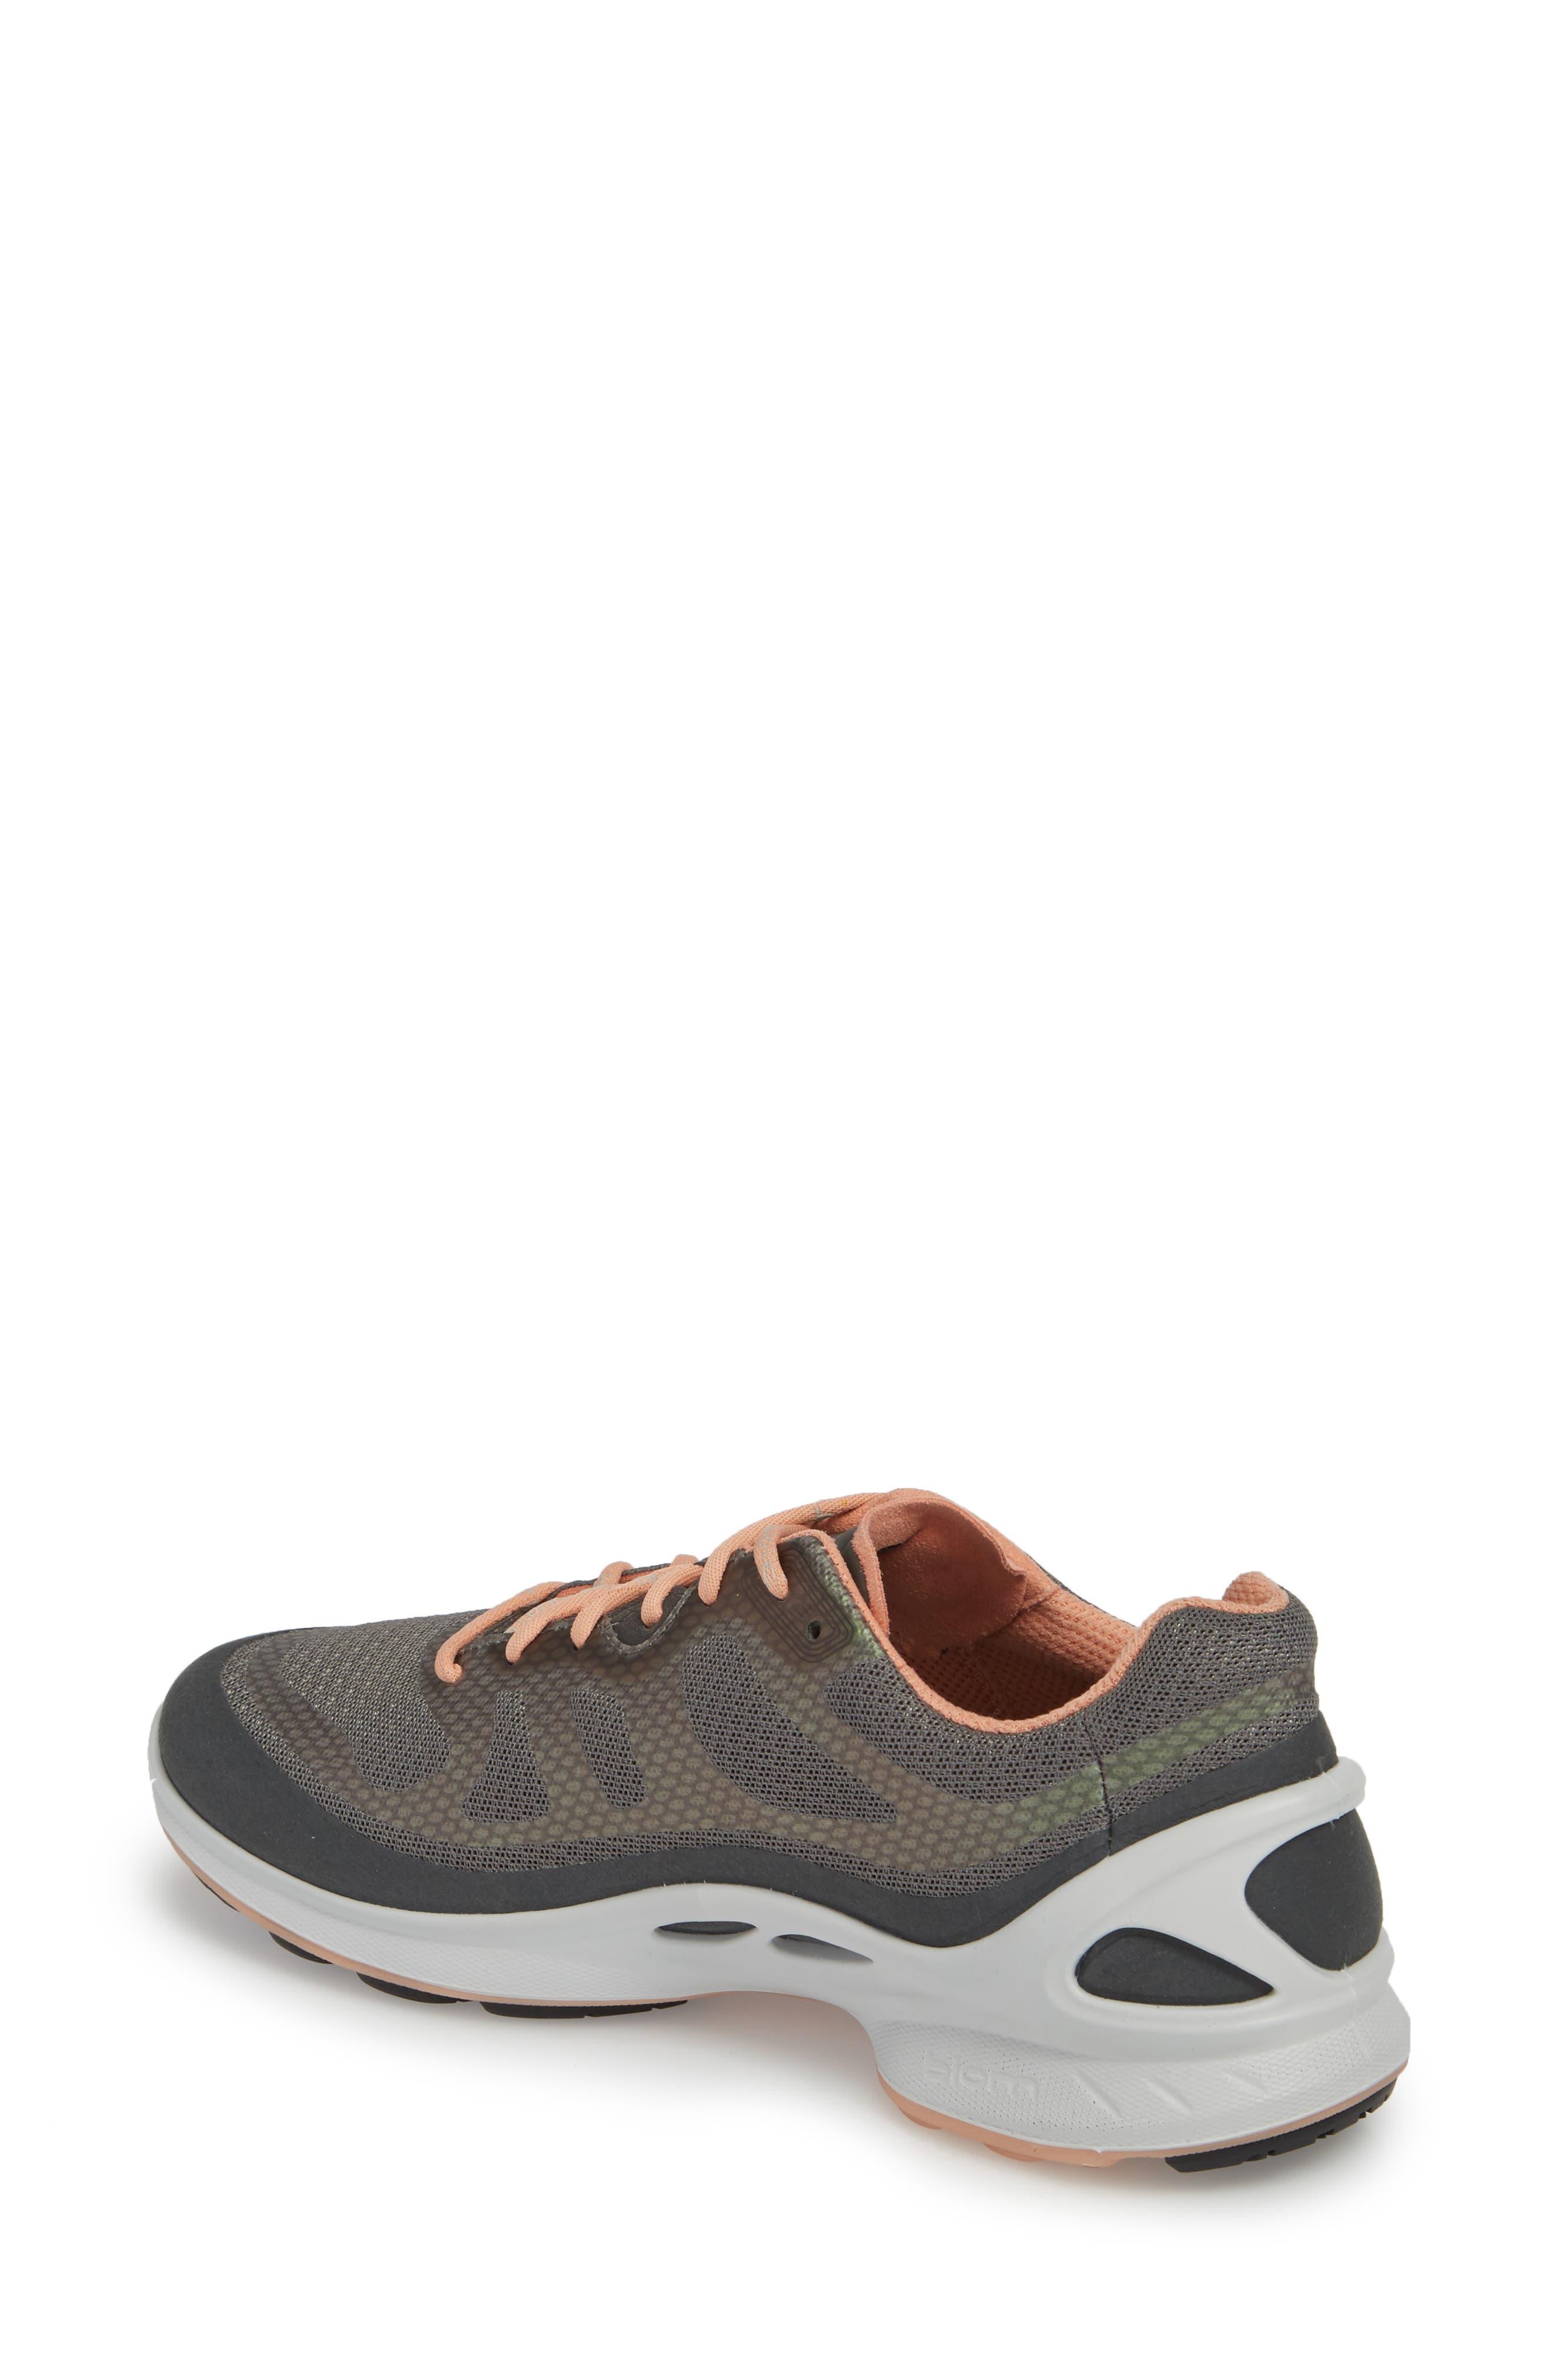 bbffbf6dcbf Women s Sneakers Sale